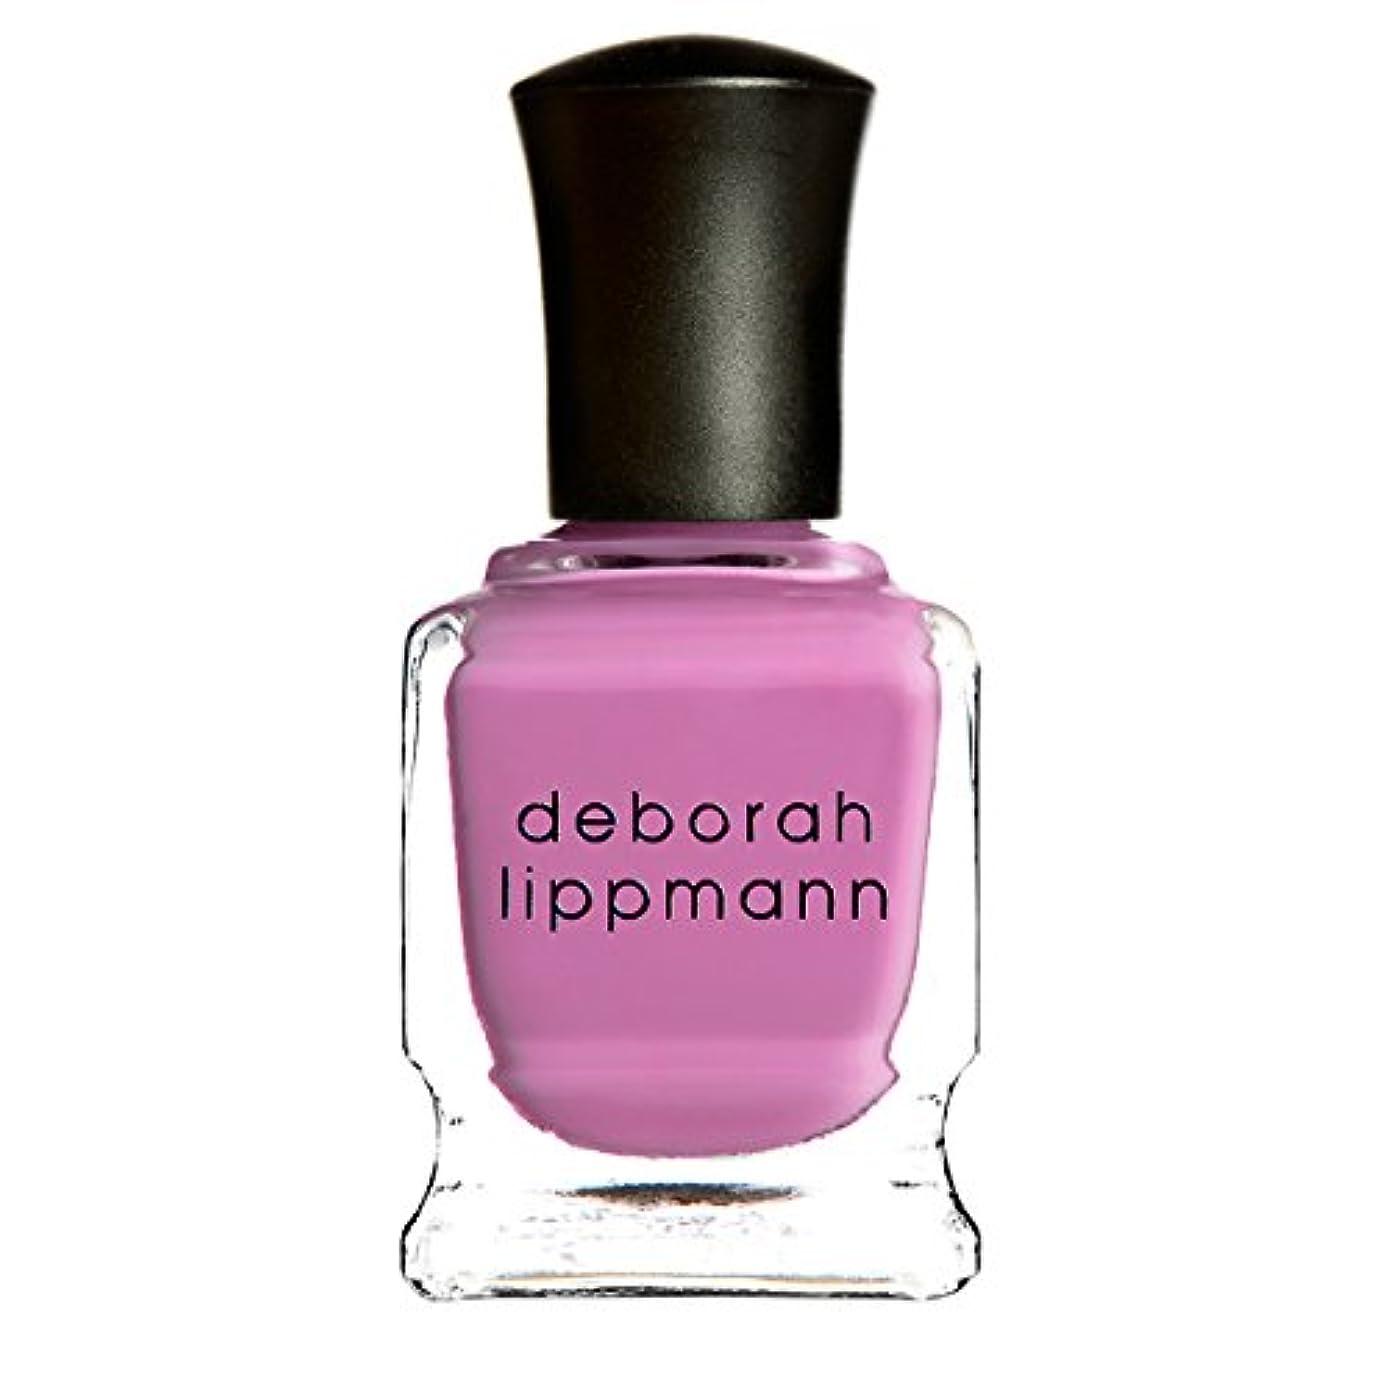 秋入口無秩序[Deborah Lippmann] デボラリップマン ミニ ポリッシュ ネイルポリッシュ ピンク系 「シーバップ 」 8 ml 【デボラリップマン】 SHE BOP【deborah lippmann】